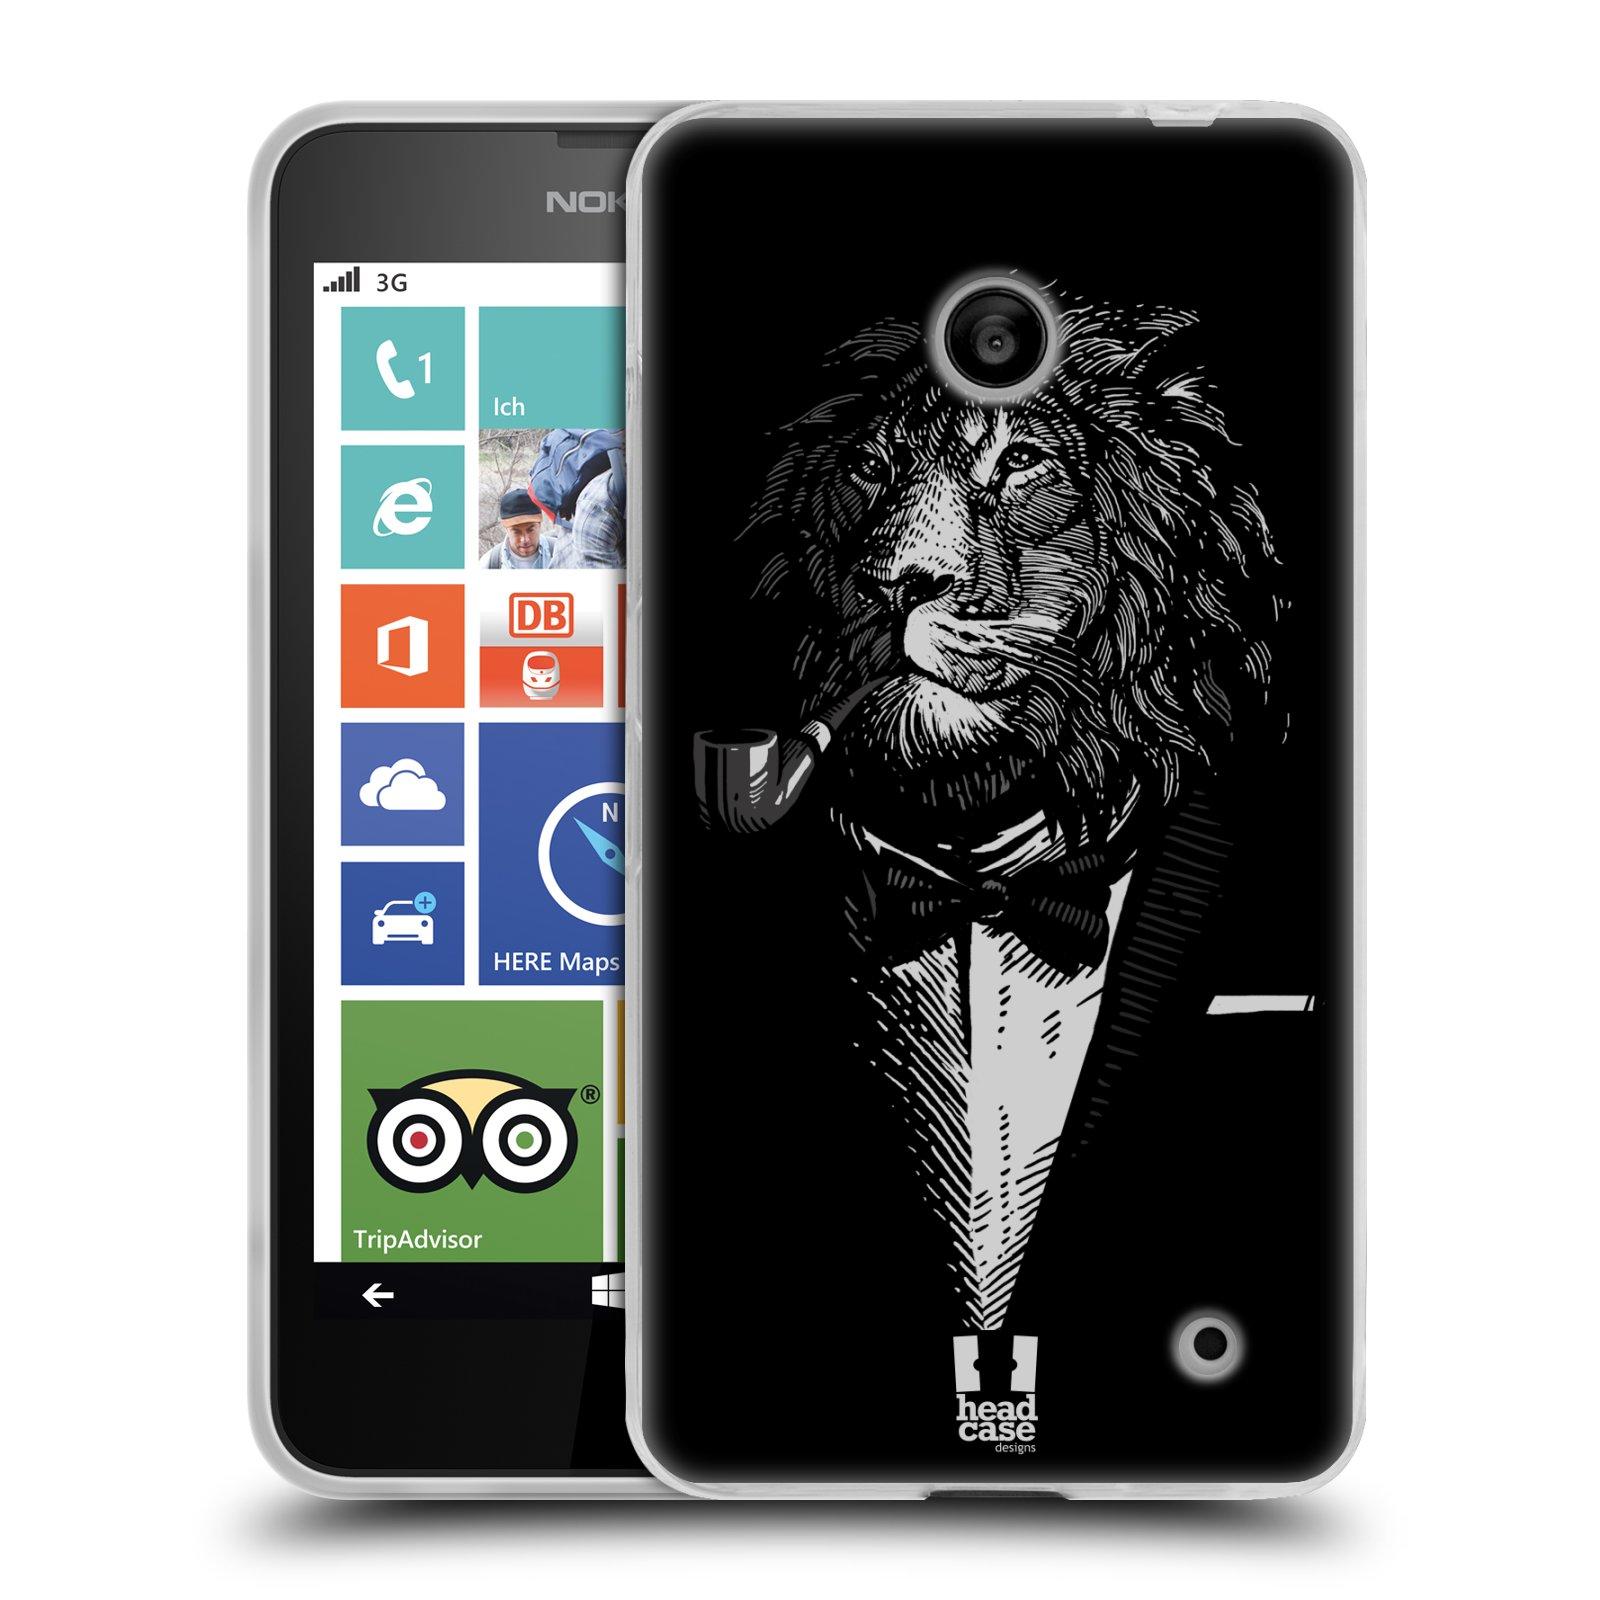 Silikonové pouzdro na mobil Nokia Lumia 635 HEAD CASE LEV V KVÁDRU (Silikonový kryt či obal na mobilní telefon Nokia Lumia 635 Dual SIM)